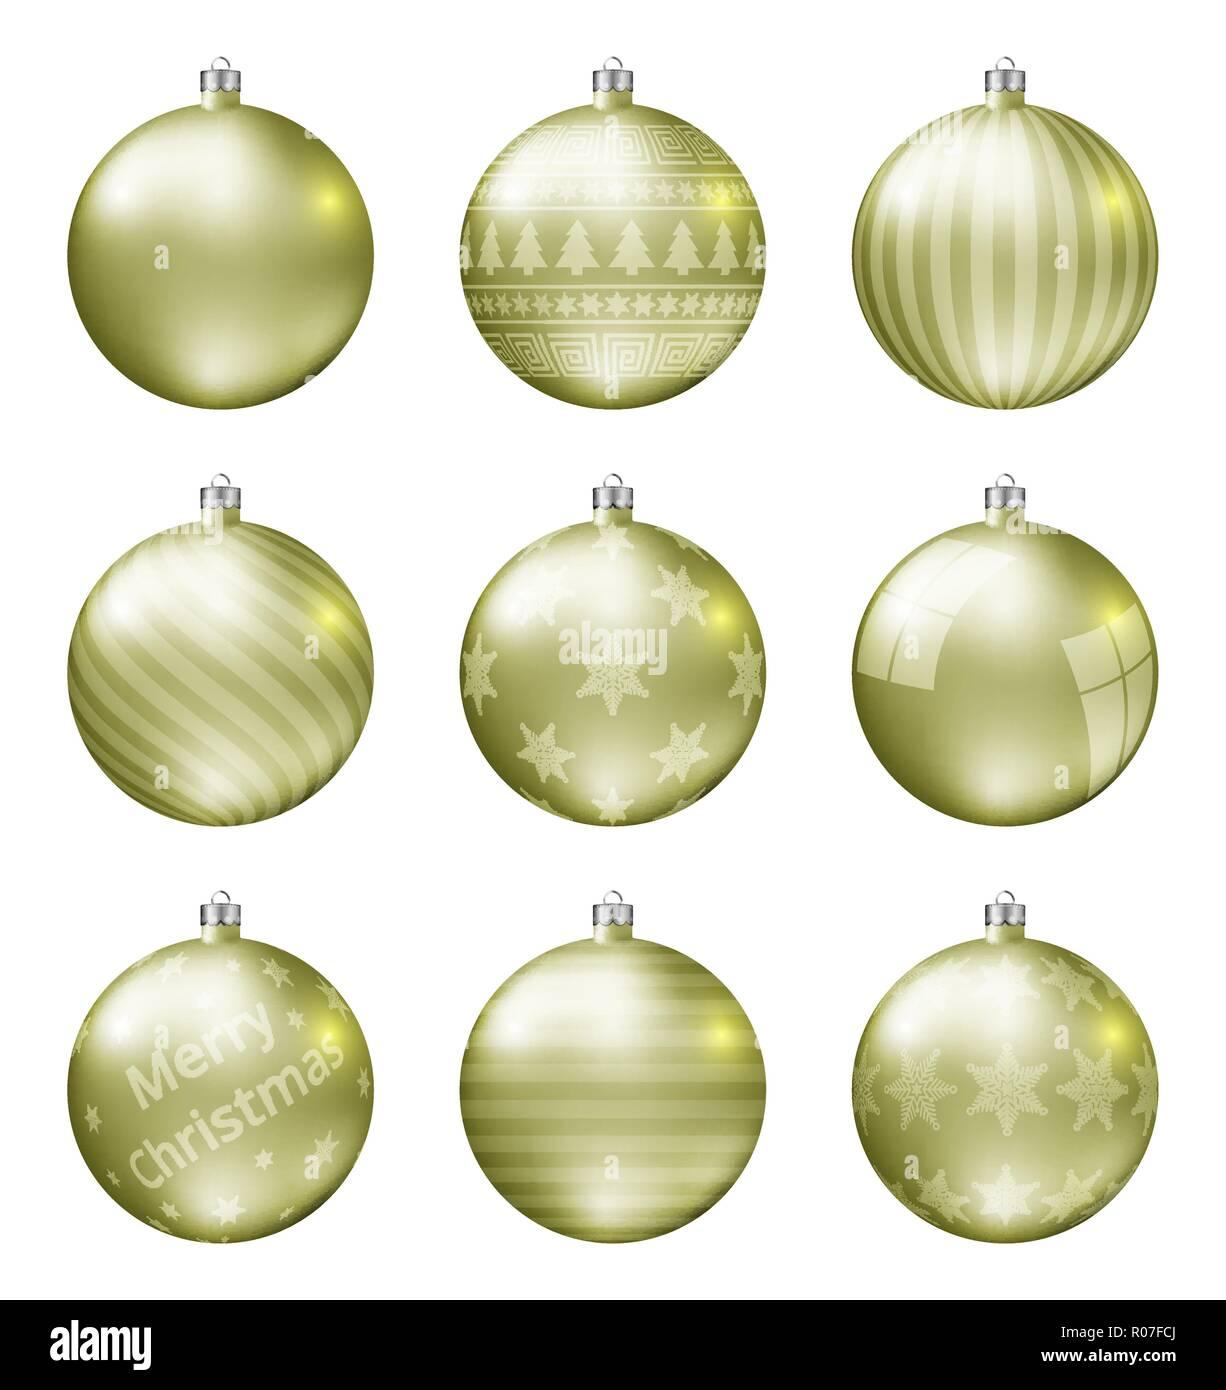 Christbaumkugeln Gelb.Satz Weihnachtskugeln Stockfotos Satz Weihnachtskugeln Bilder Alamy